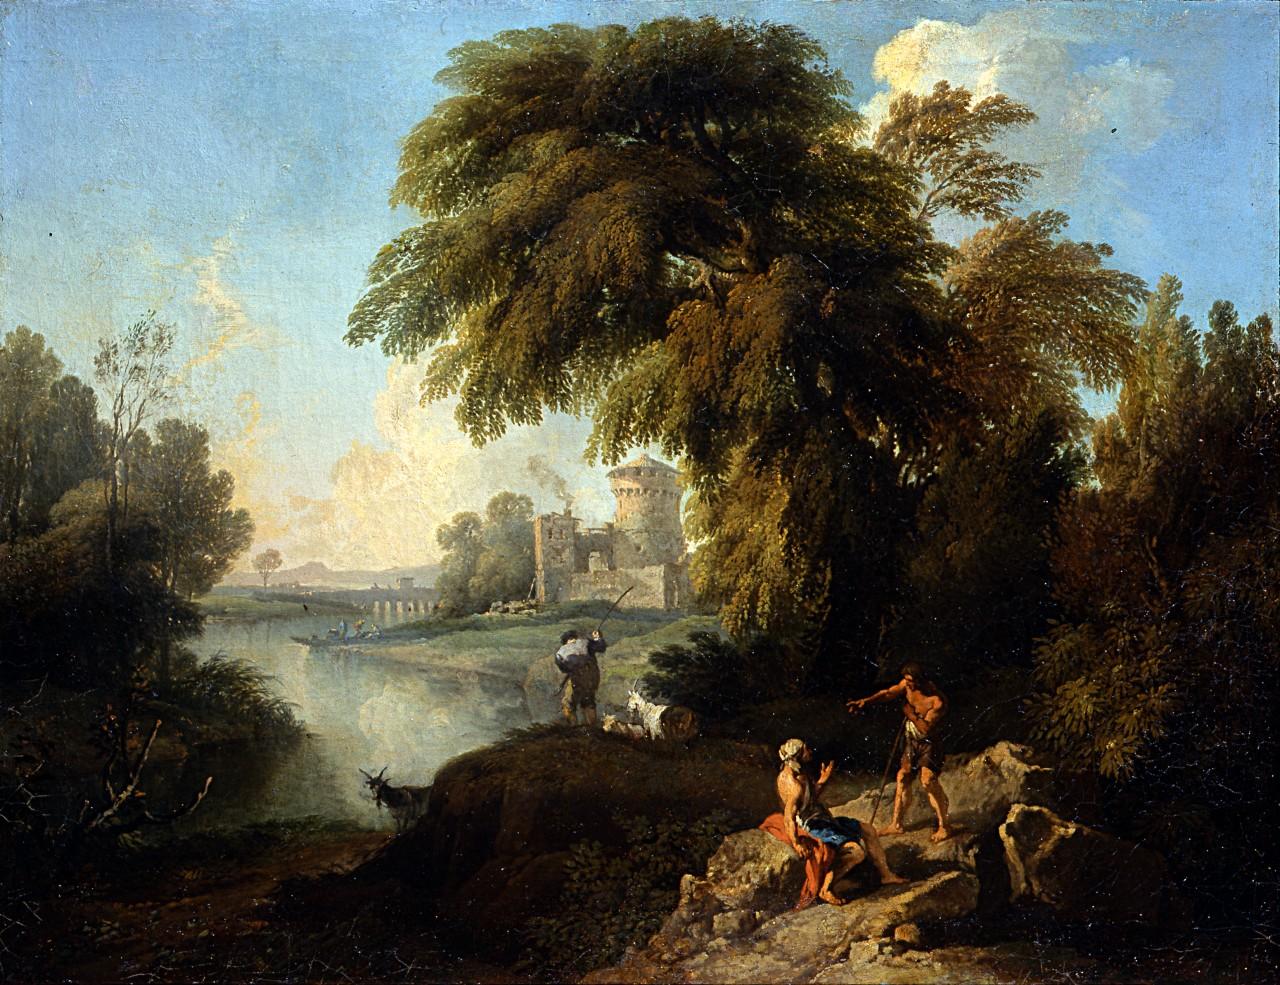 paesaggio con figure, fiume, rocca turrita e ponte (dipinto, pendant) di Locatelli Andrea (sec. XVIII)